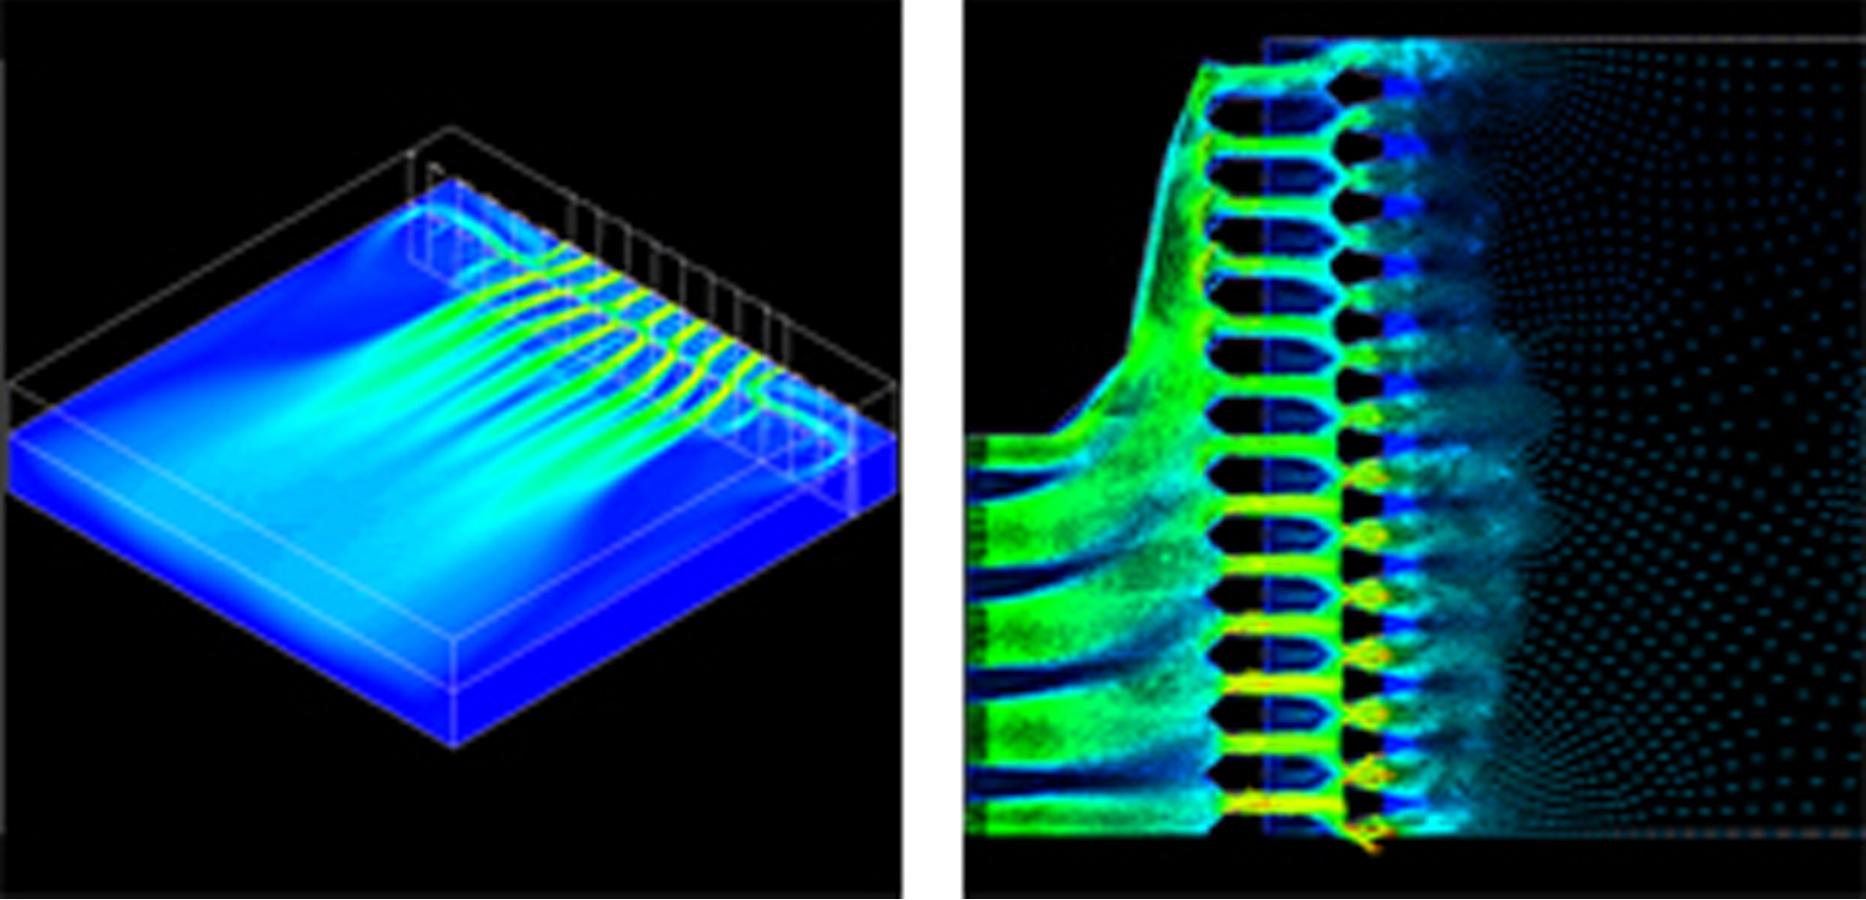 Strömungssimulation eines Einzelbeckens und des Zulaufsystems eines Klärbeckens